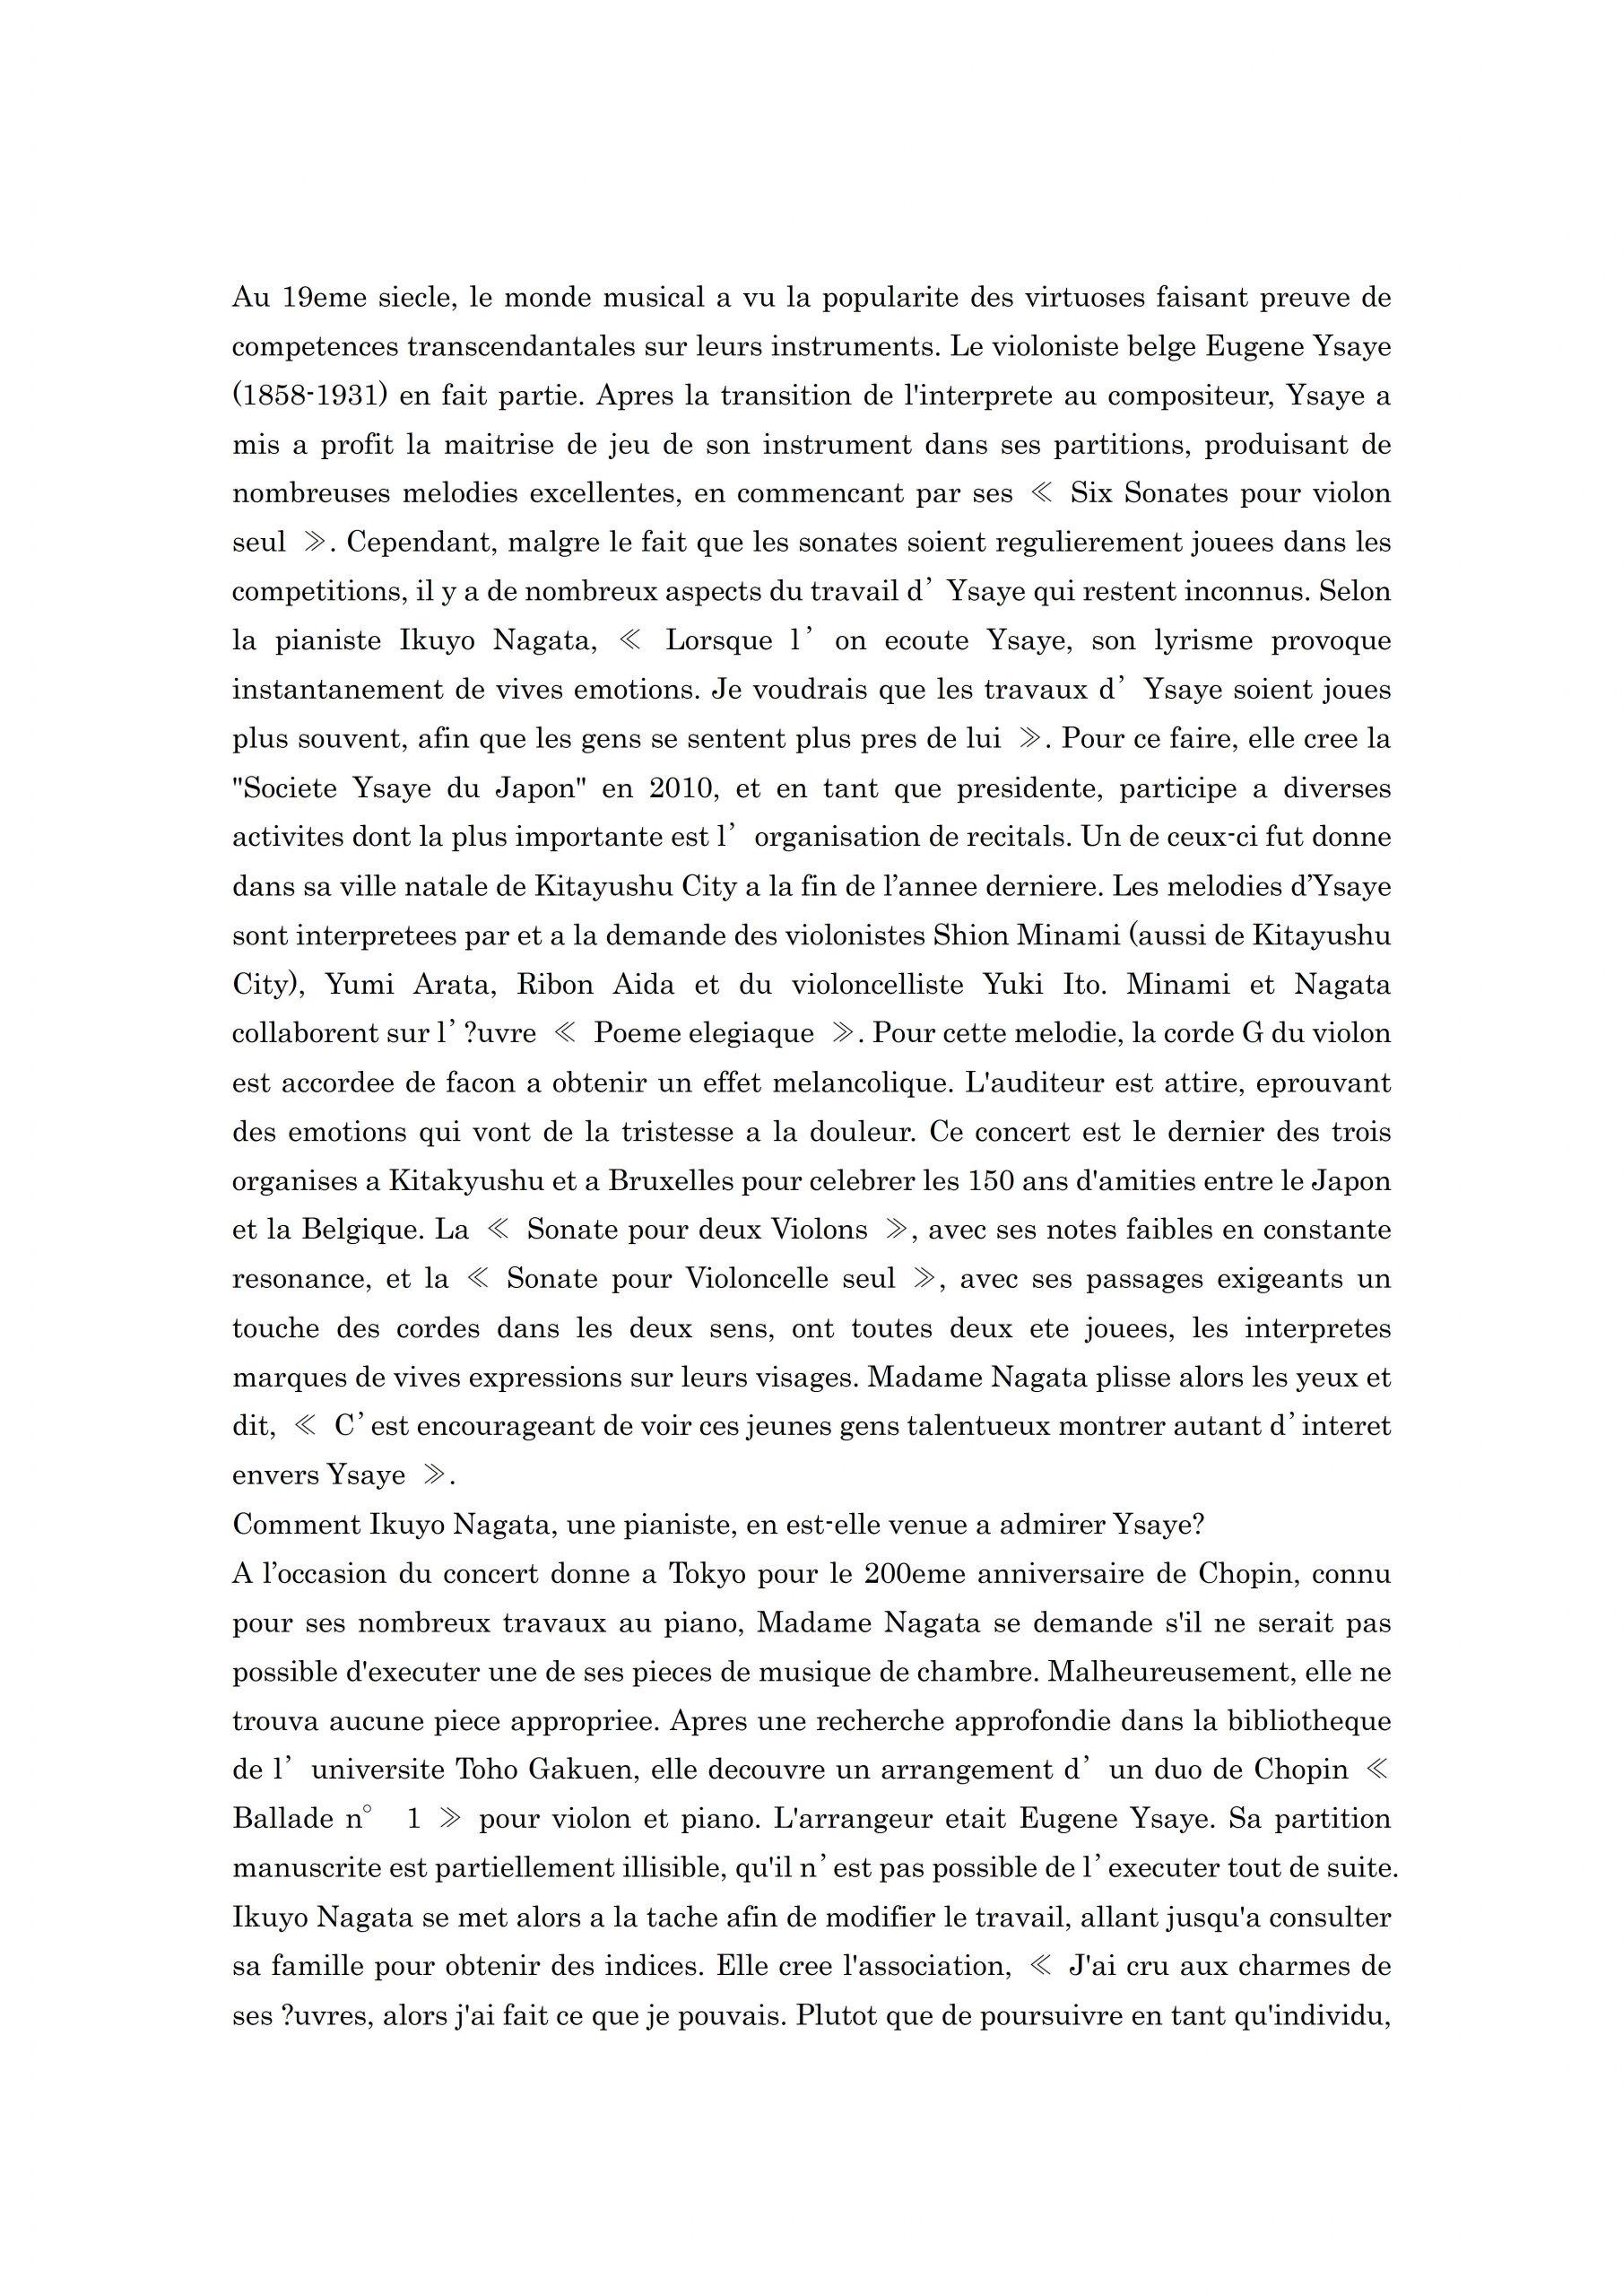 文書 1-14-1